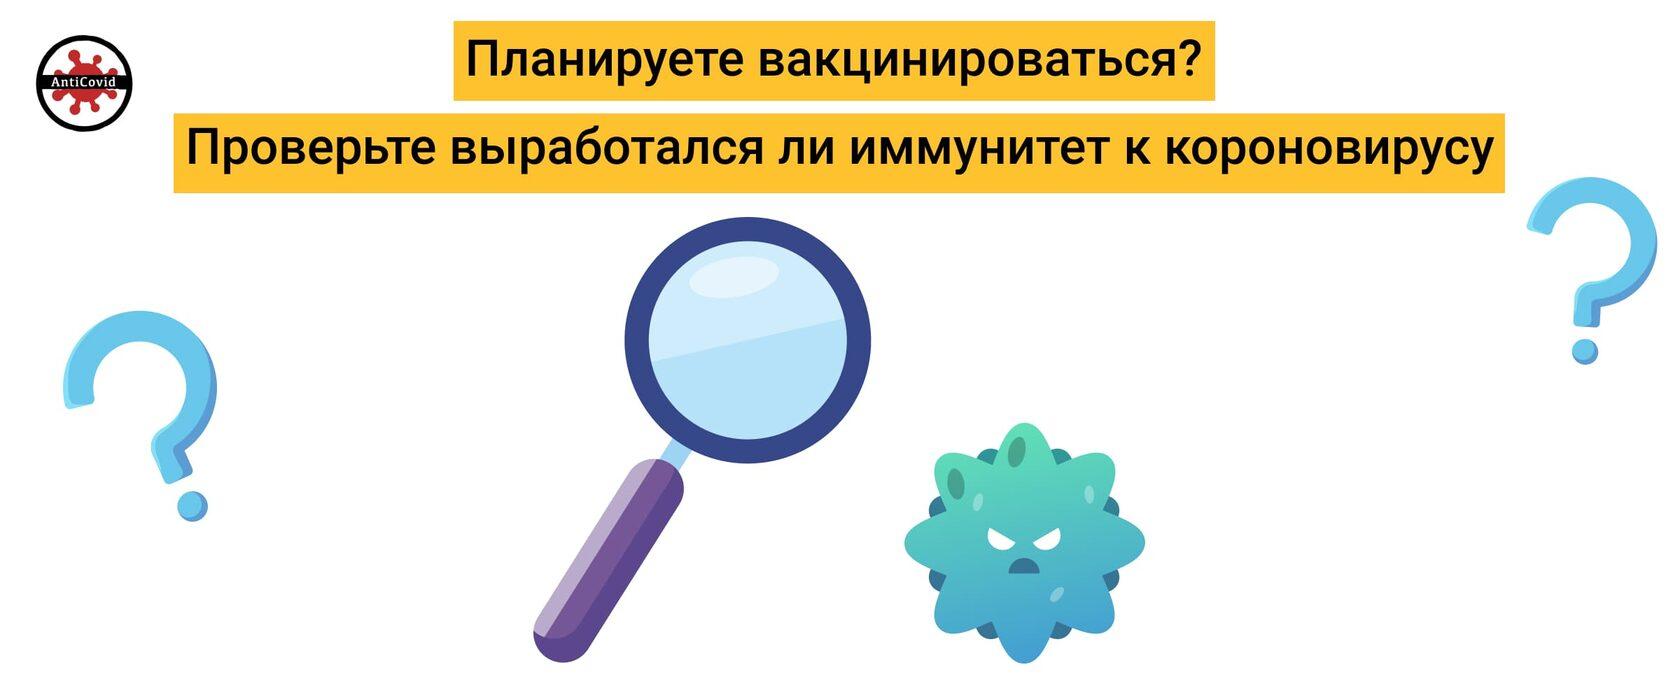 Если человек планирует вакцинироваться, важно знать, выработался ли в его организме иммунитет к коронавирусу.